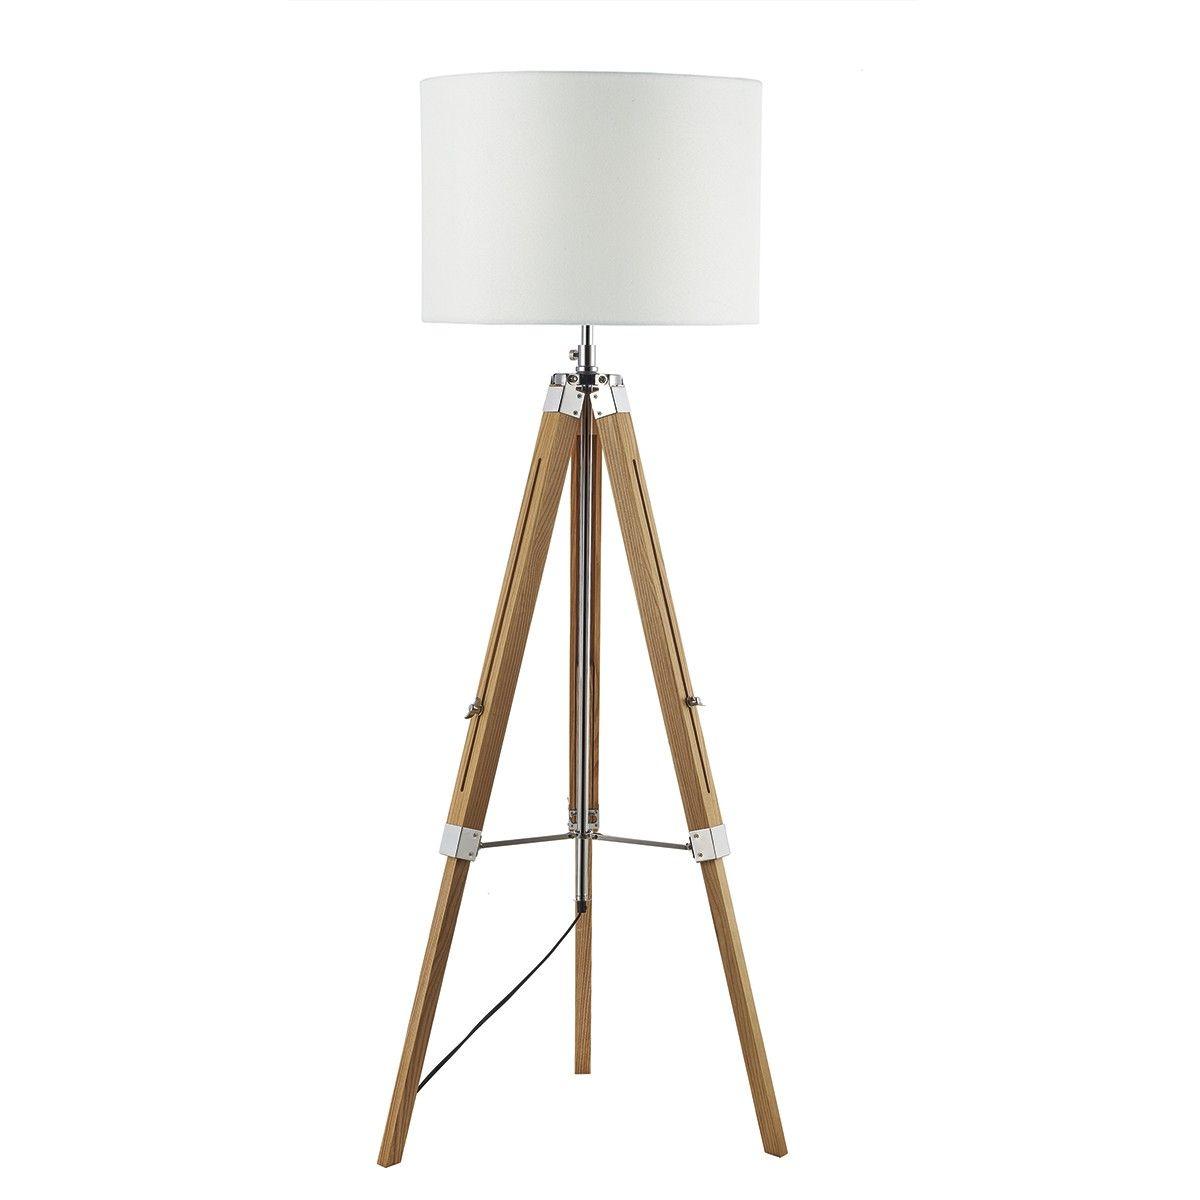 Easel Tripod Floor Lamp Base Only Floor Lamp Base Floor Lamp Lamp Bases